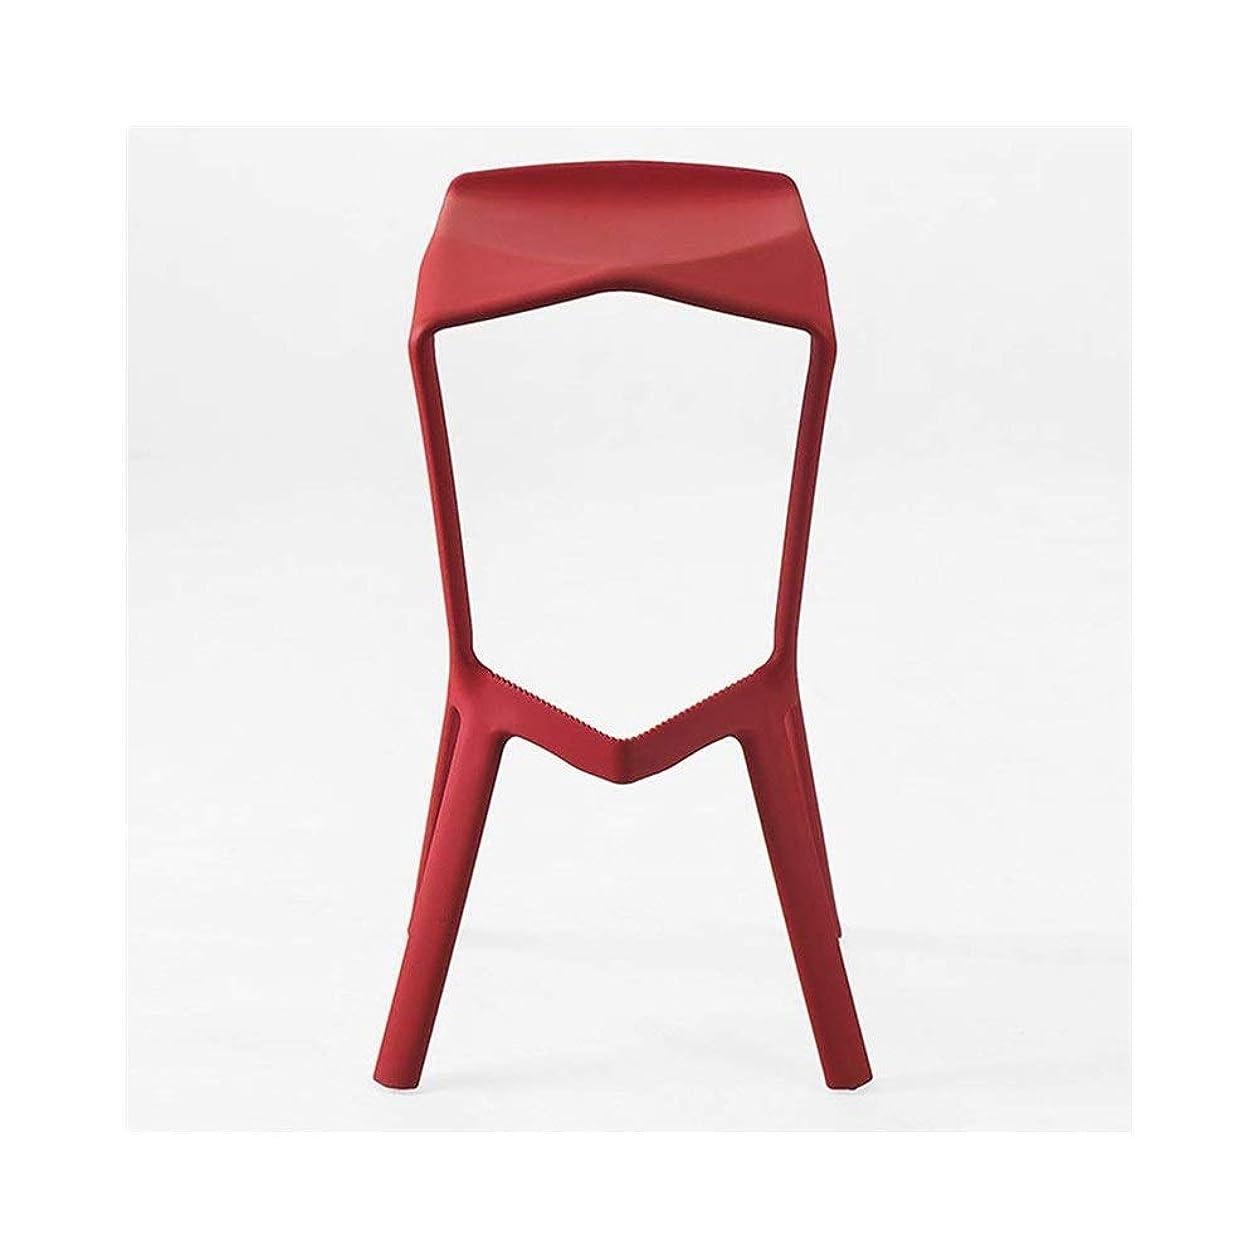 買い手するたらいバーチェアカウンターチェア現代のシンプルなプラスチック製の椅子赤大人クリエイティブファッションラウンジチェアカフェ FENPING (Color : Red wine)